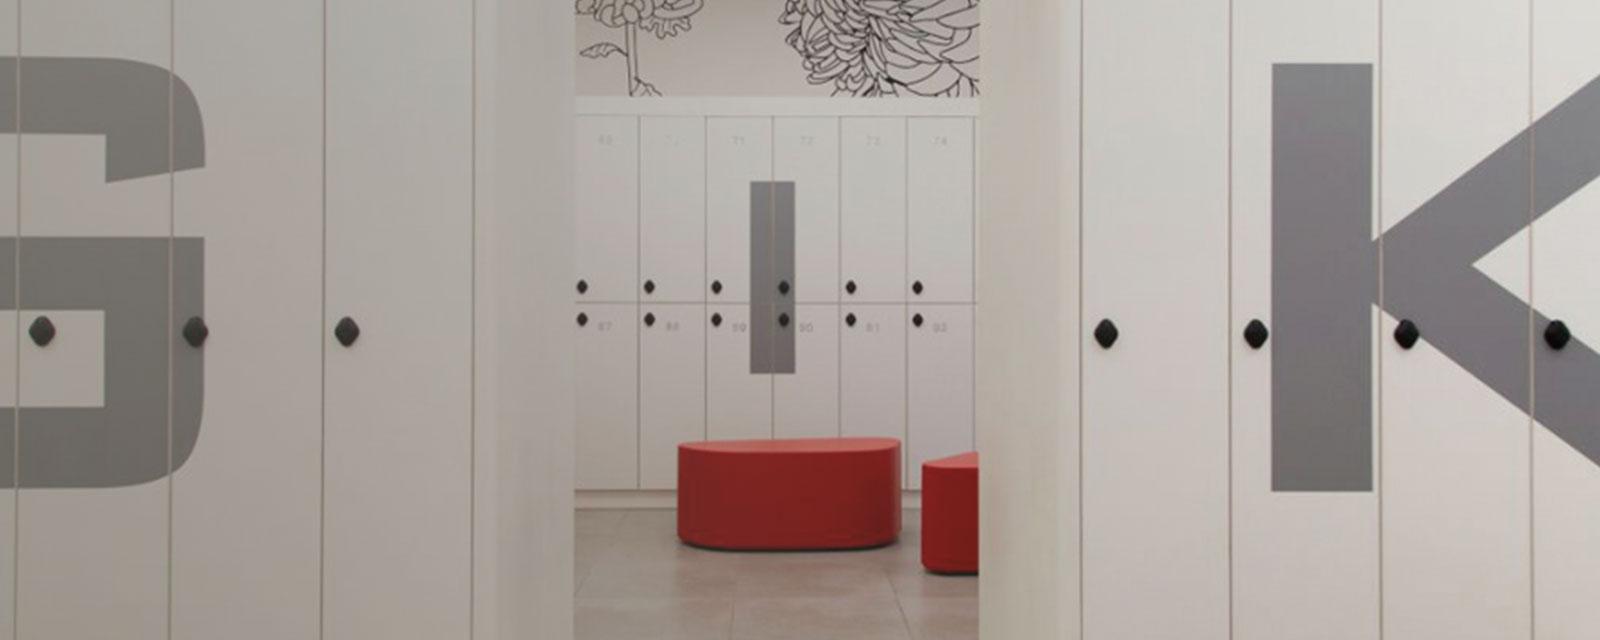 Smart RFID Locks designed for Lockers